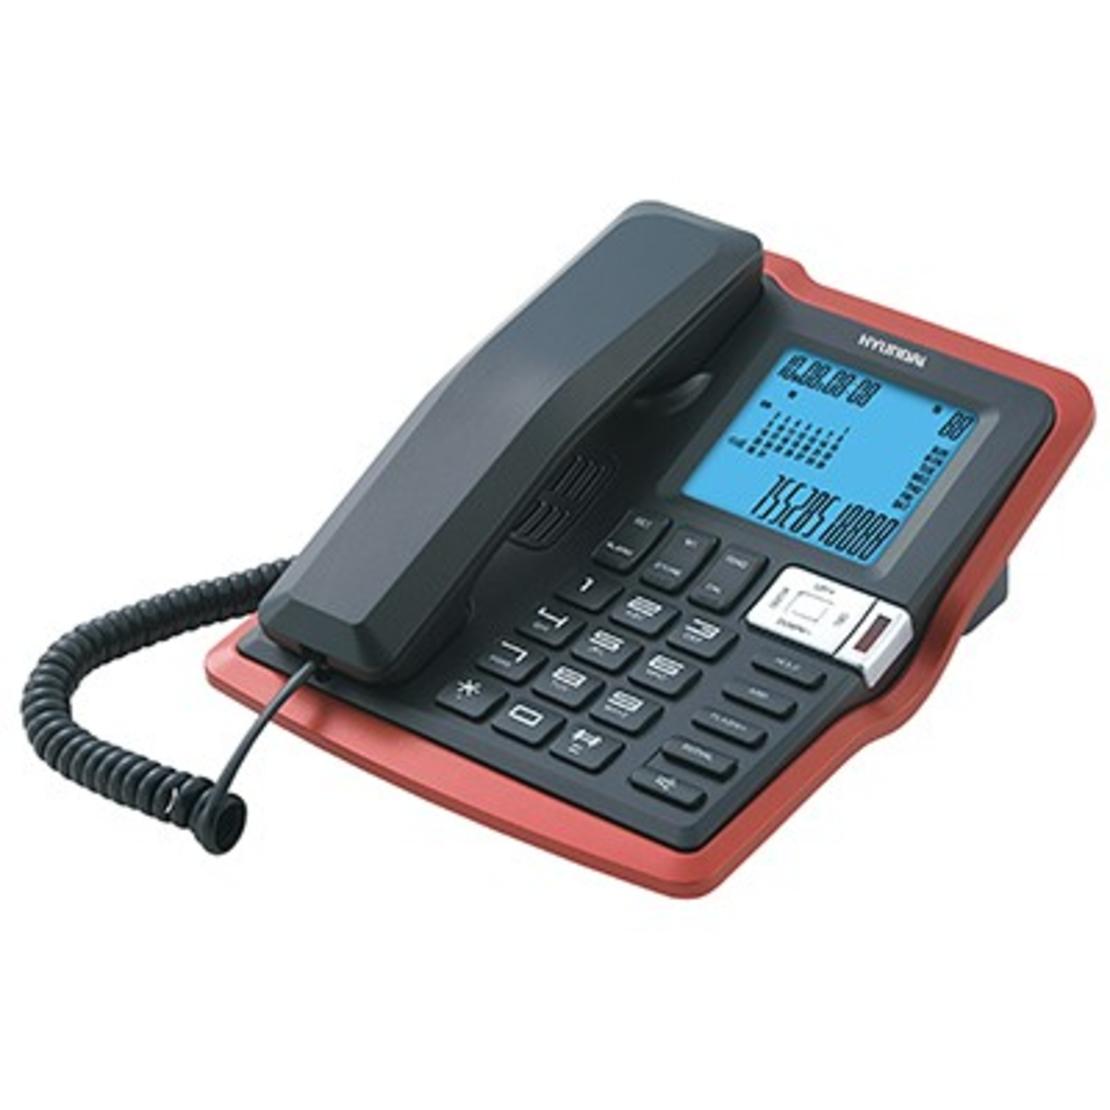 טלפון משרדי צג גדול דקורטיבי שחור/אדום HYUNDAI HDT-2700BR